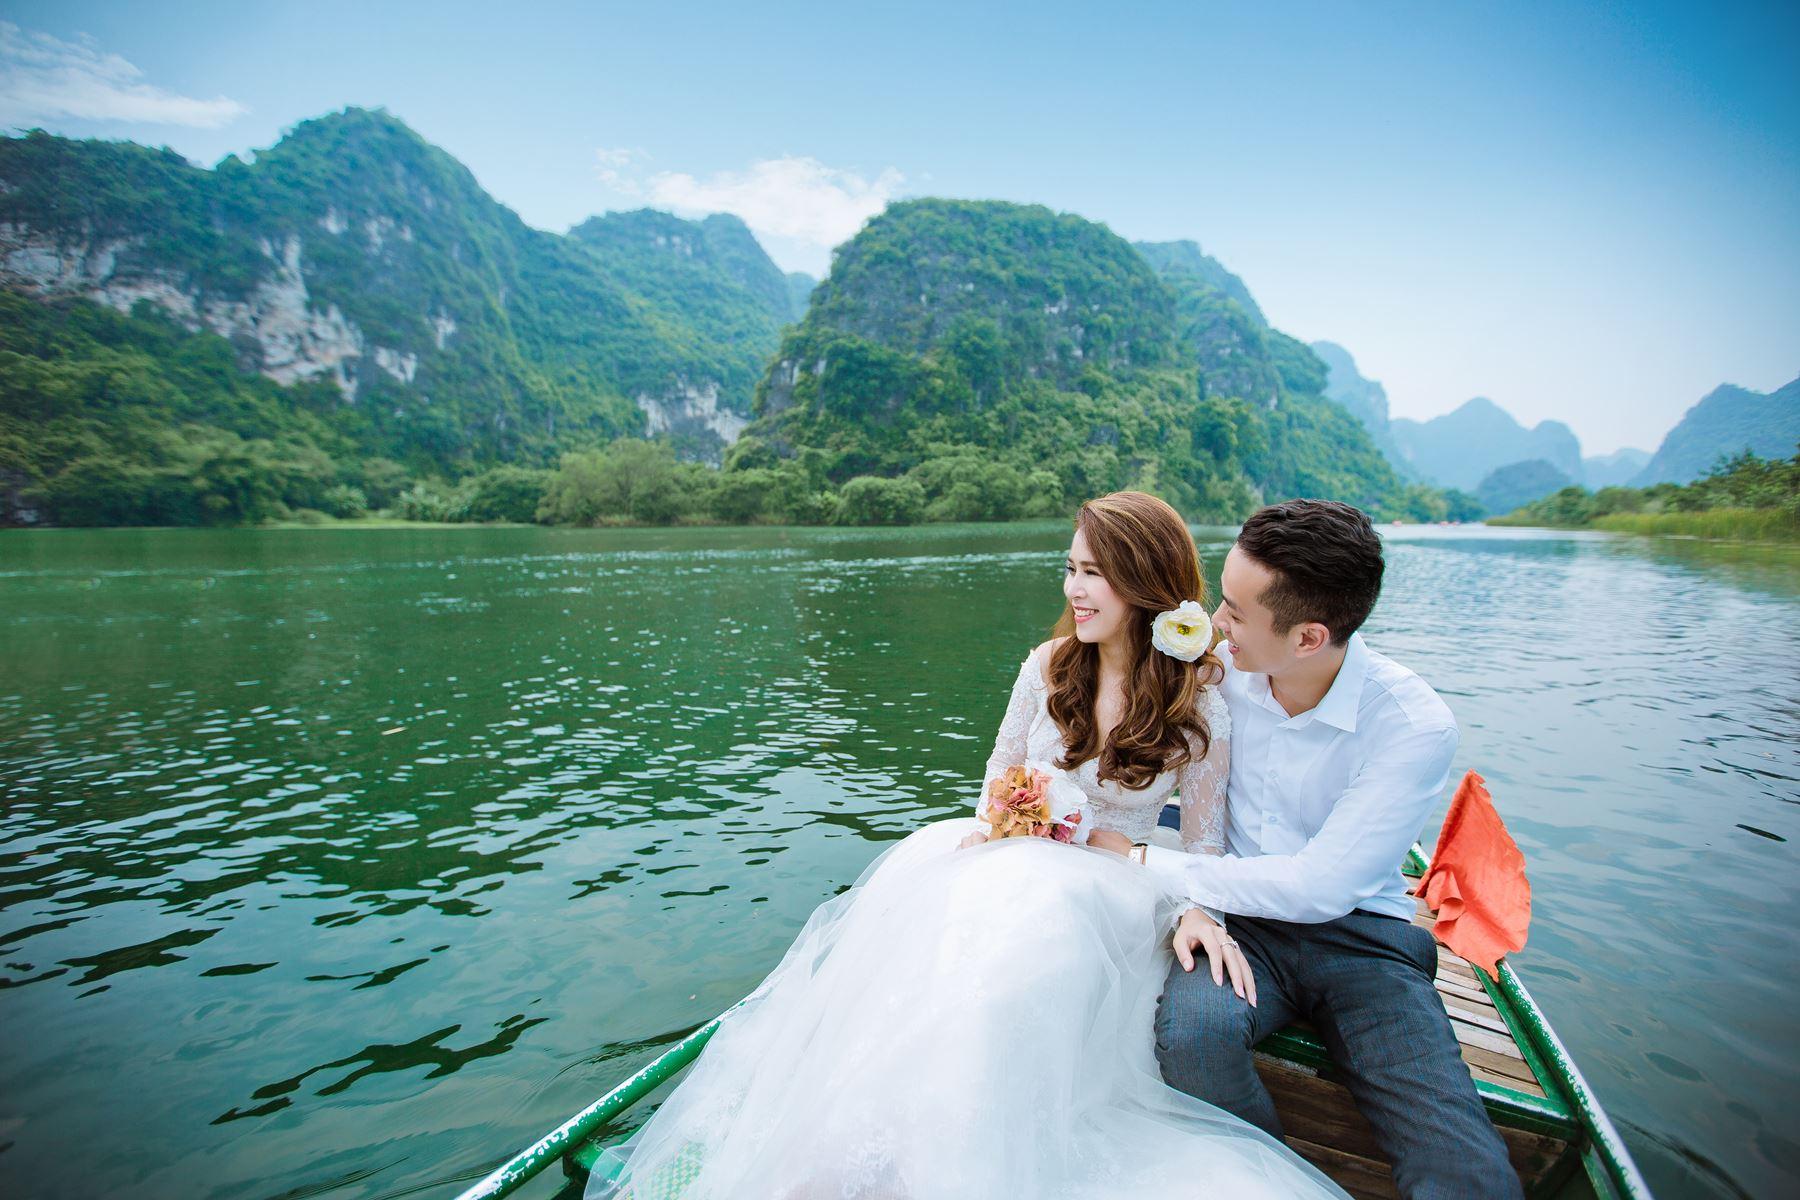 Địa điểm chụp hình cưới đẹp tại Ninh Bình